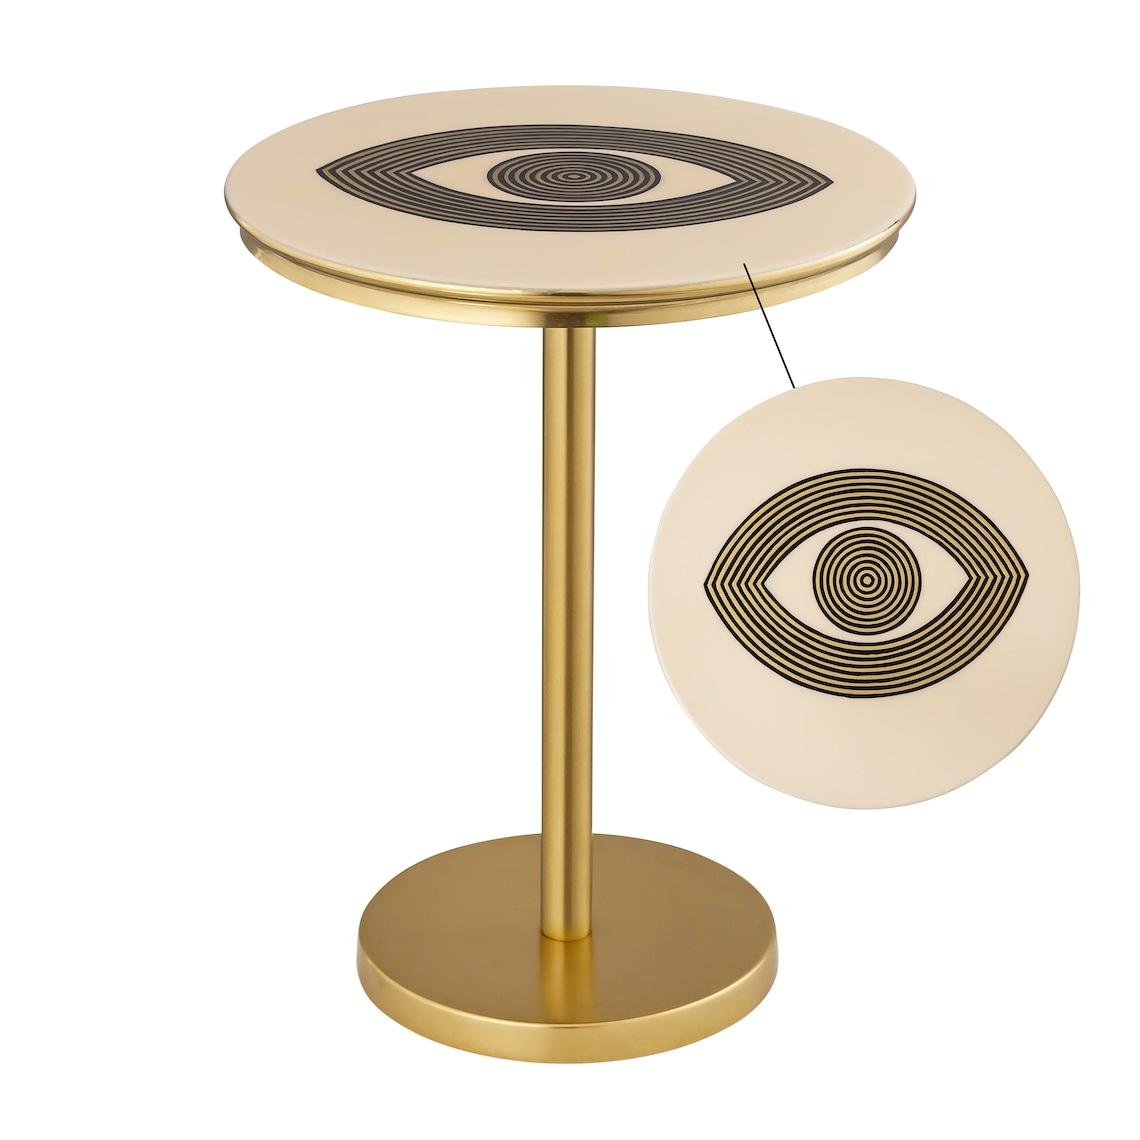 Eye Handpainted Side Table